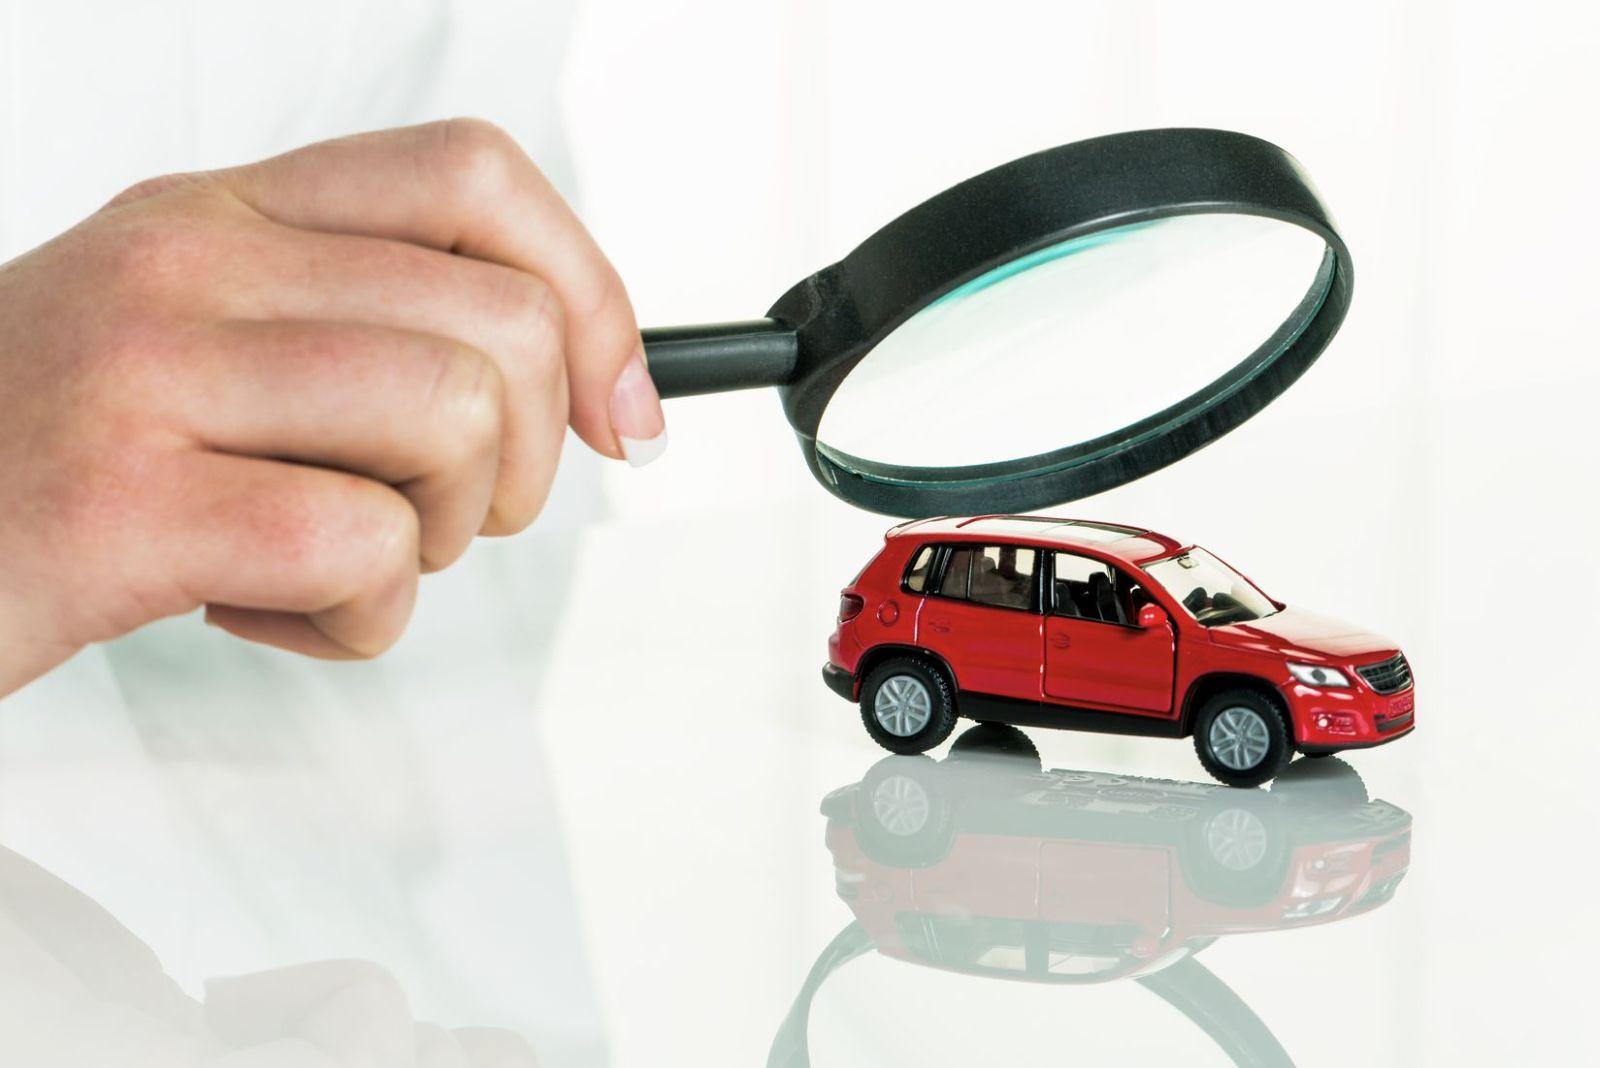 Nj Motor Vehicle Commission Mvc Newsmakergroup